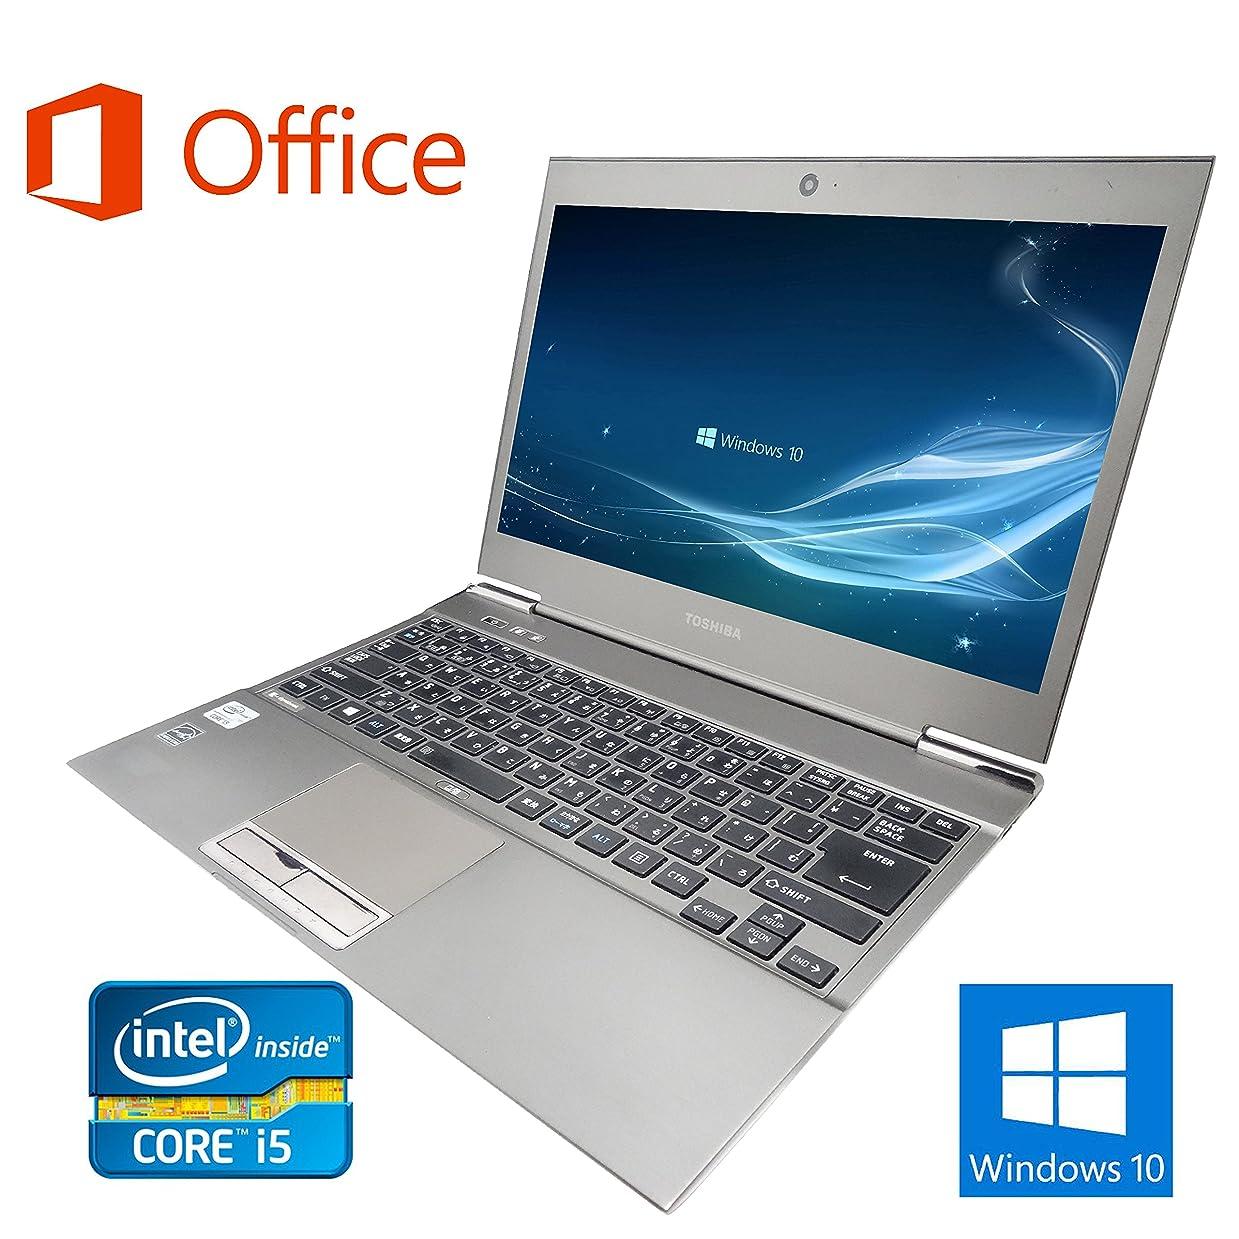 飾る海外で地元【Microsoft Office 2016搭載】【Win 10搭載】TOSHIBA R632/F/第三世代Core i5 1.8GHz/メモリー4GB/SSD:128GB/新品外付けDVDスーパーマルチ/13インチ/無線LAN搭載/中古ノートパソコン/ (メモリー:4GB)